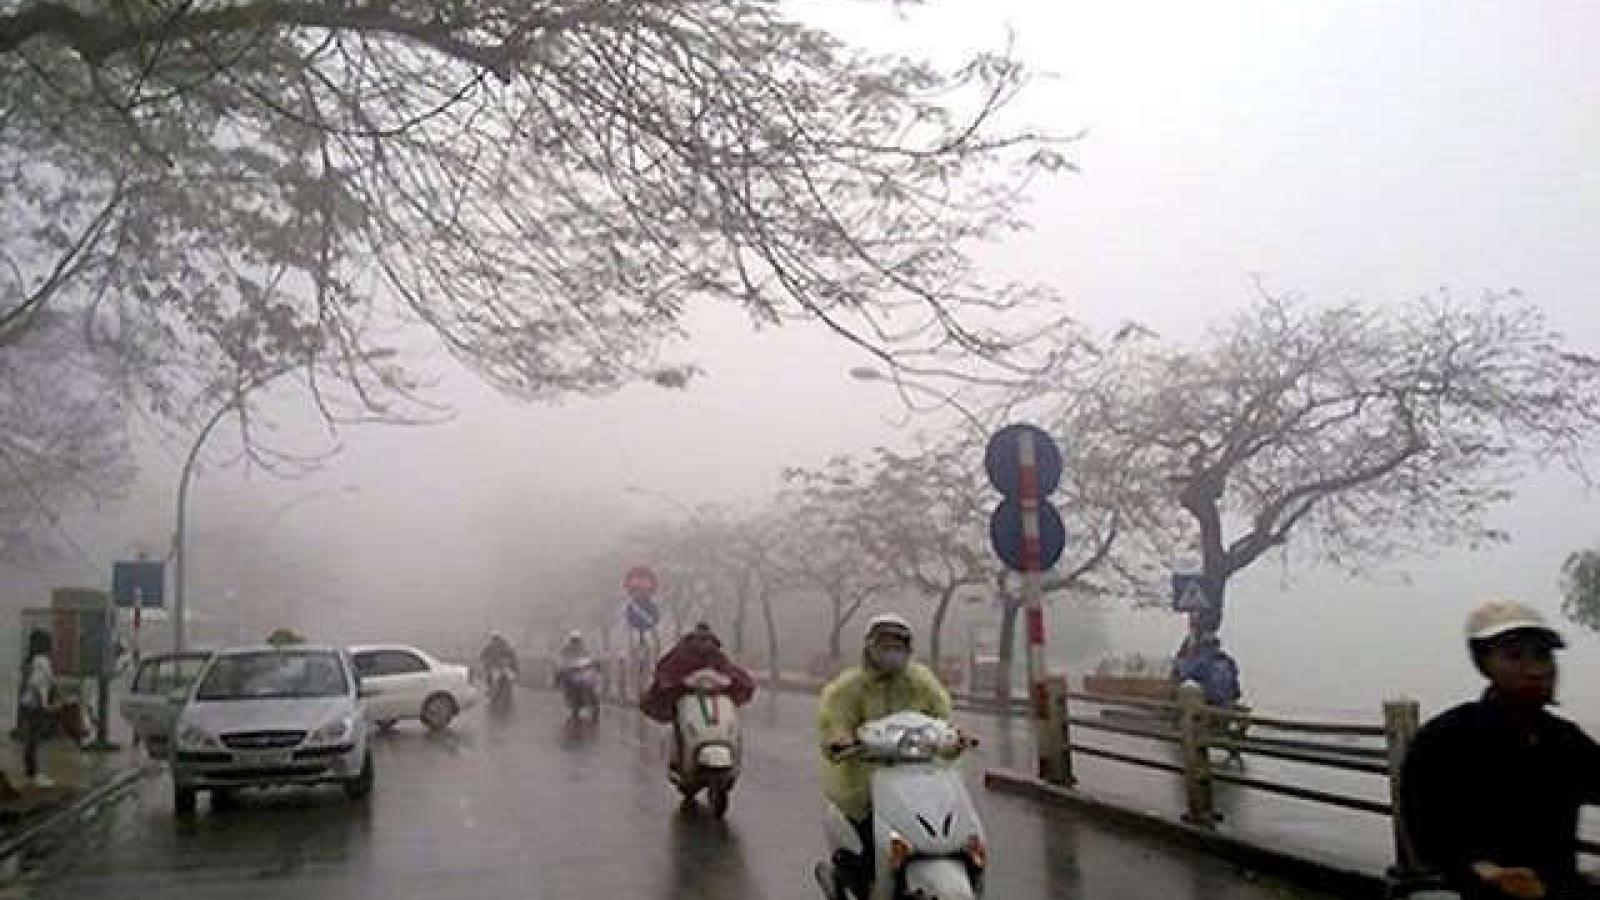 Thời tiết ngày 21/3: Đón không khí lạnh, Bắc bộ mưa dông gió rét